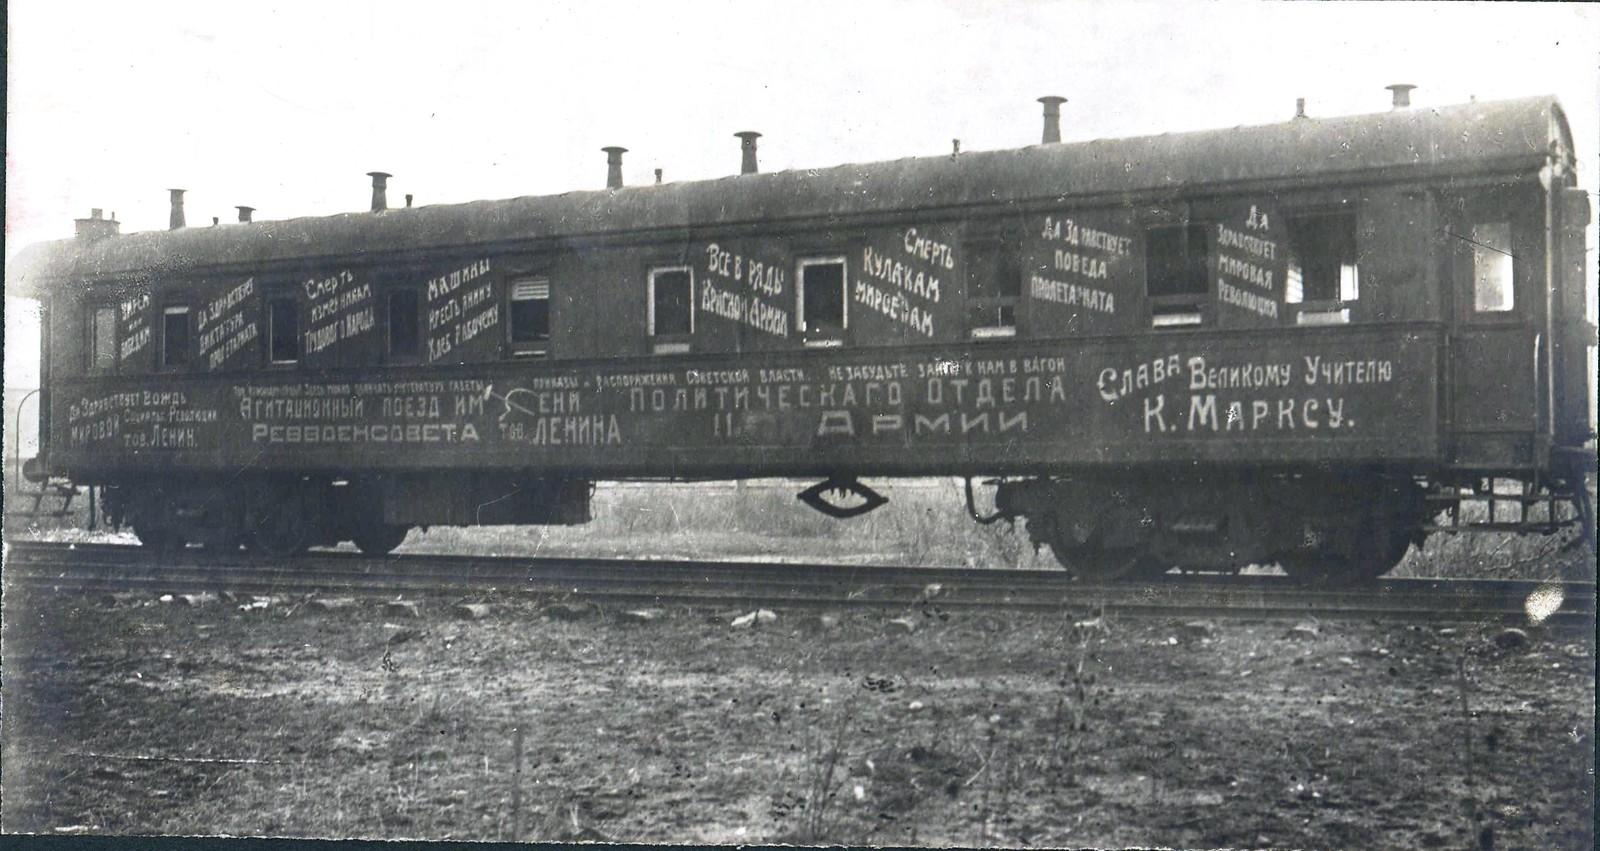 339. 1919. Захваченный агитационный поезд Красной армии